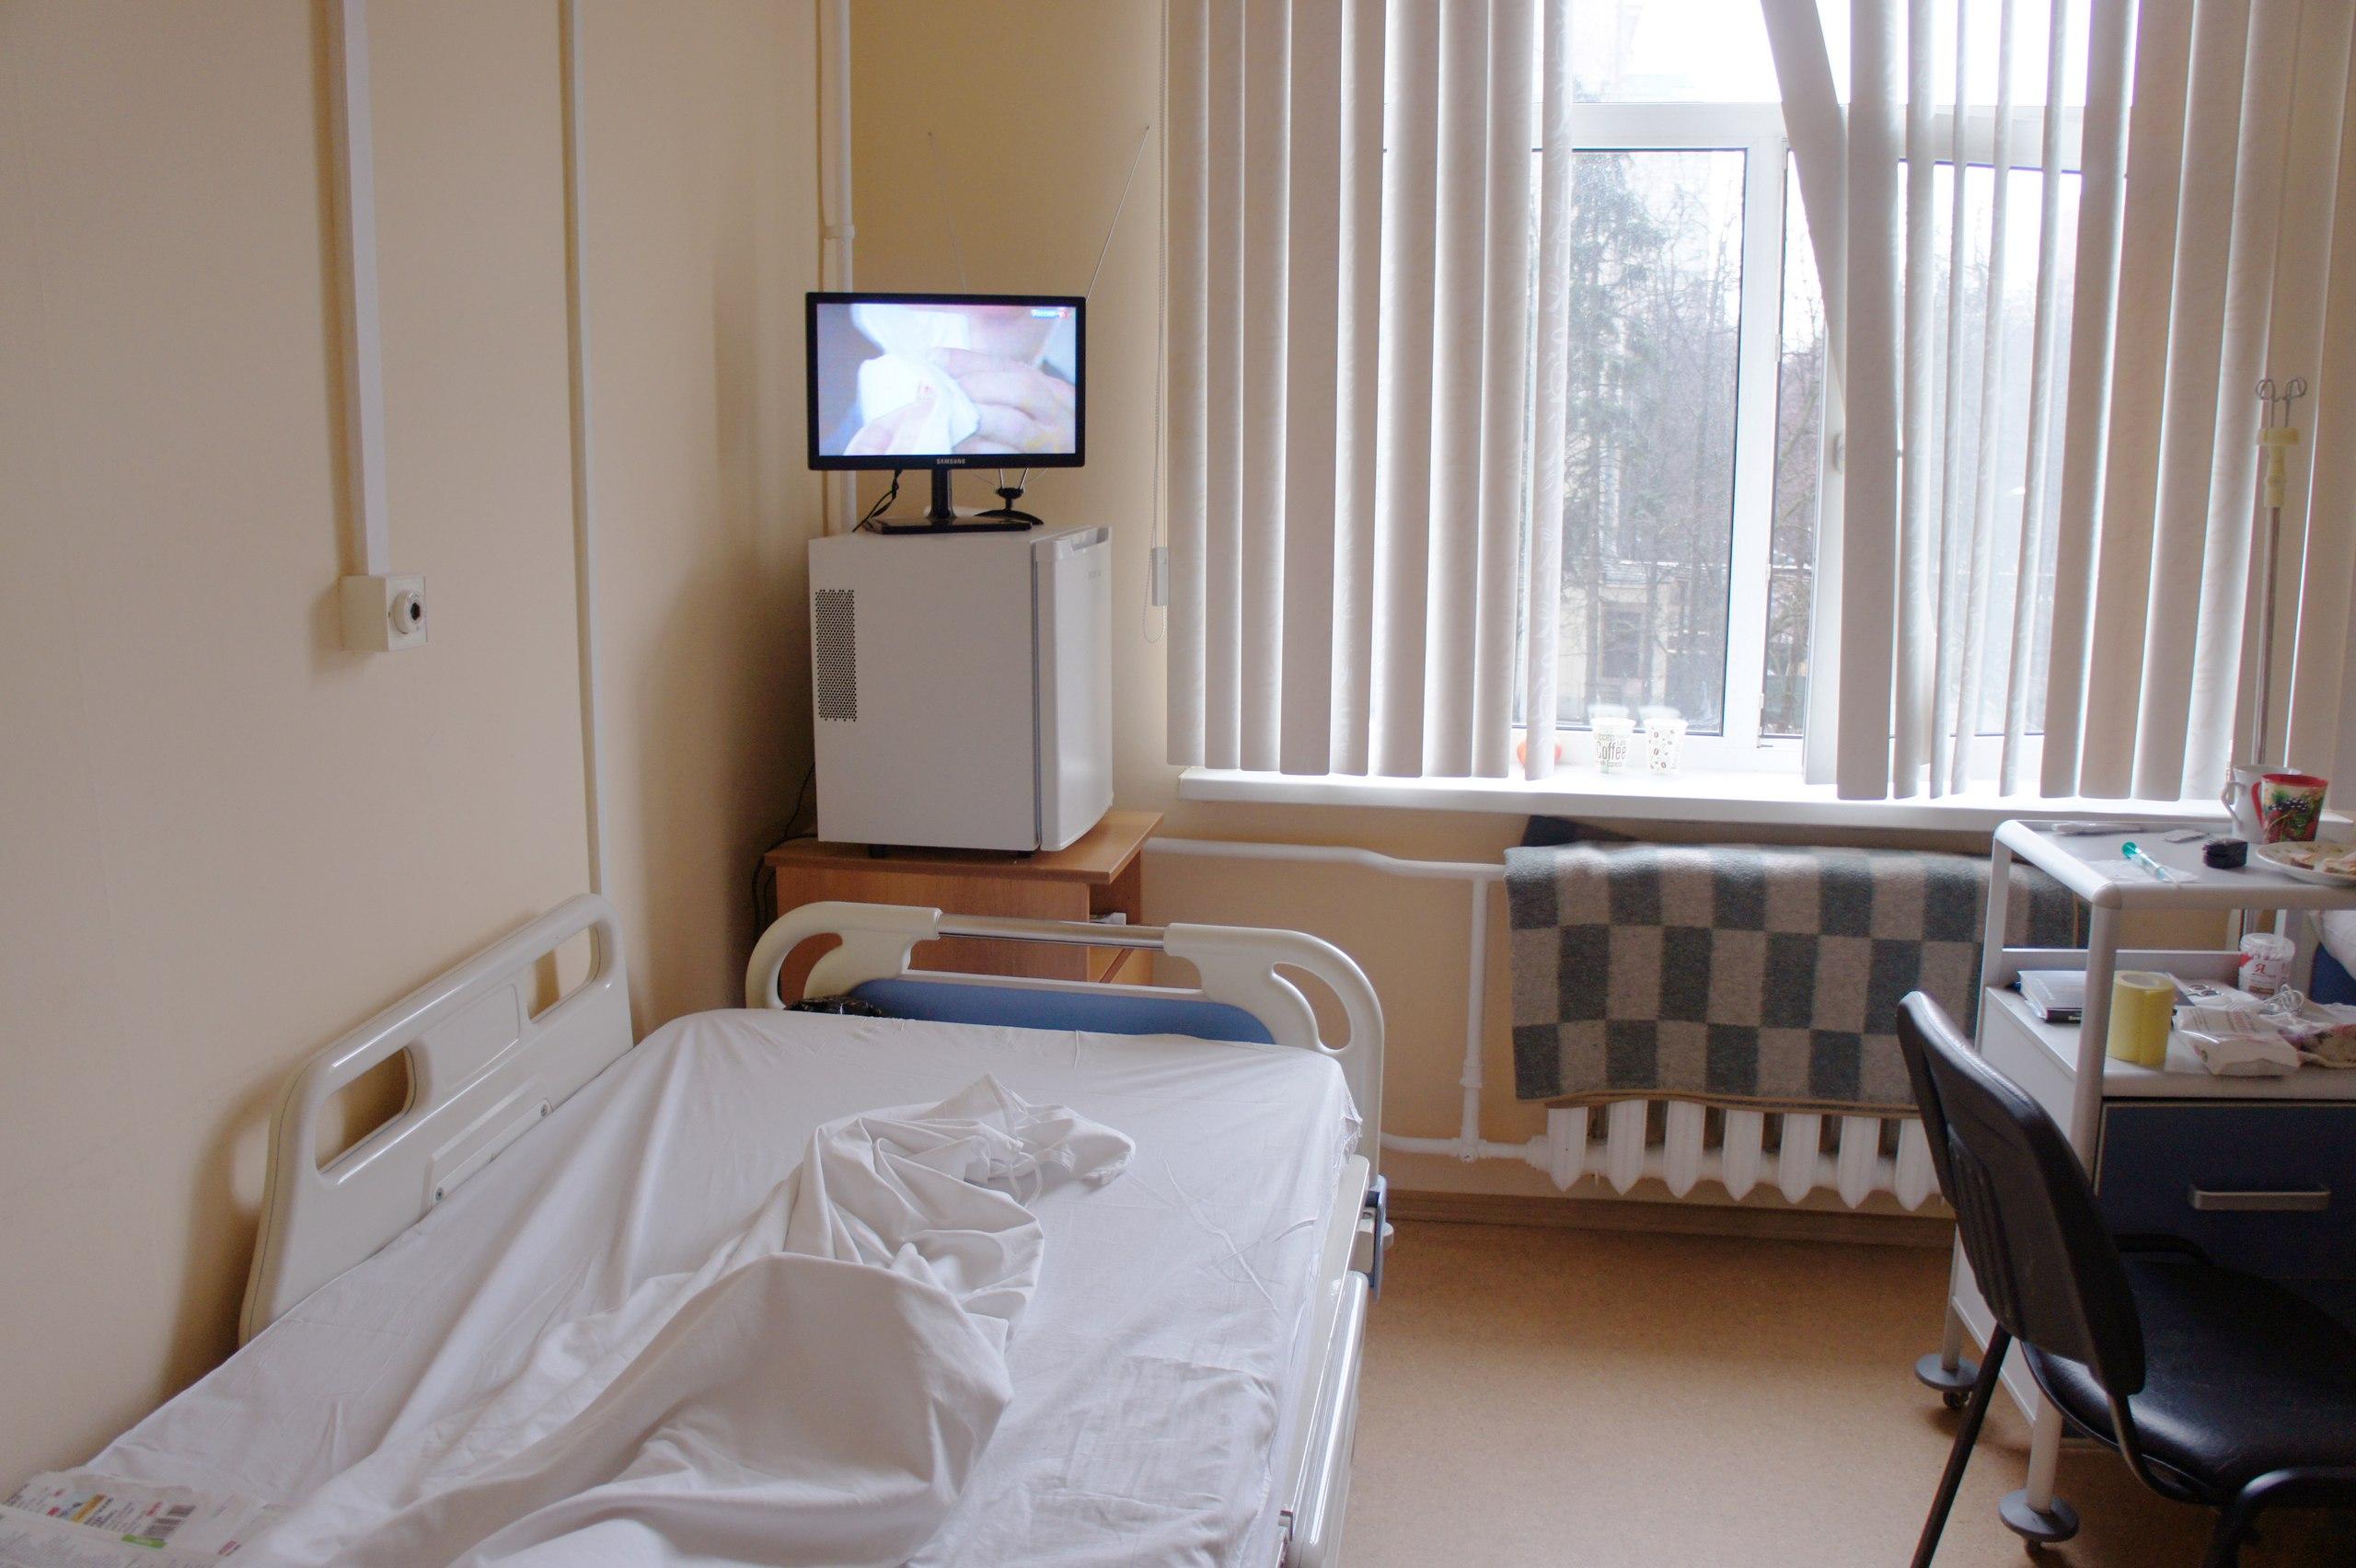 Детский консультативно-диагностический центр занимается профилактикой и лечением детей с различной патологией.